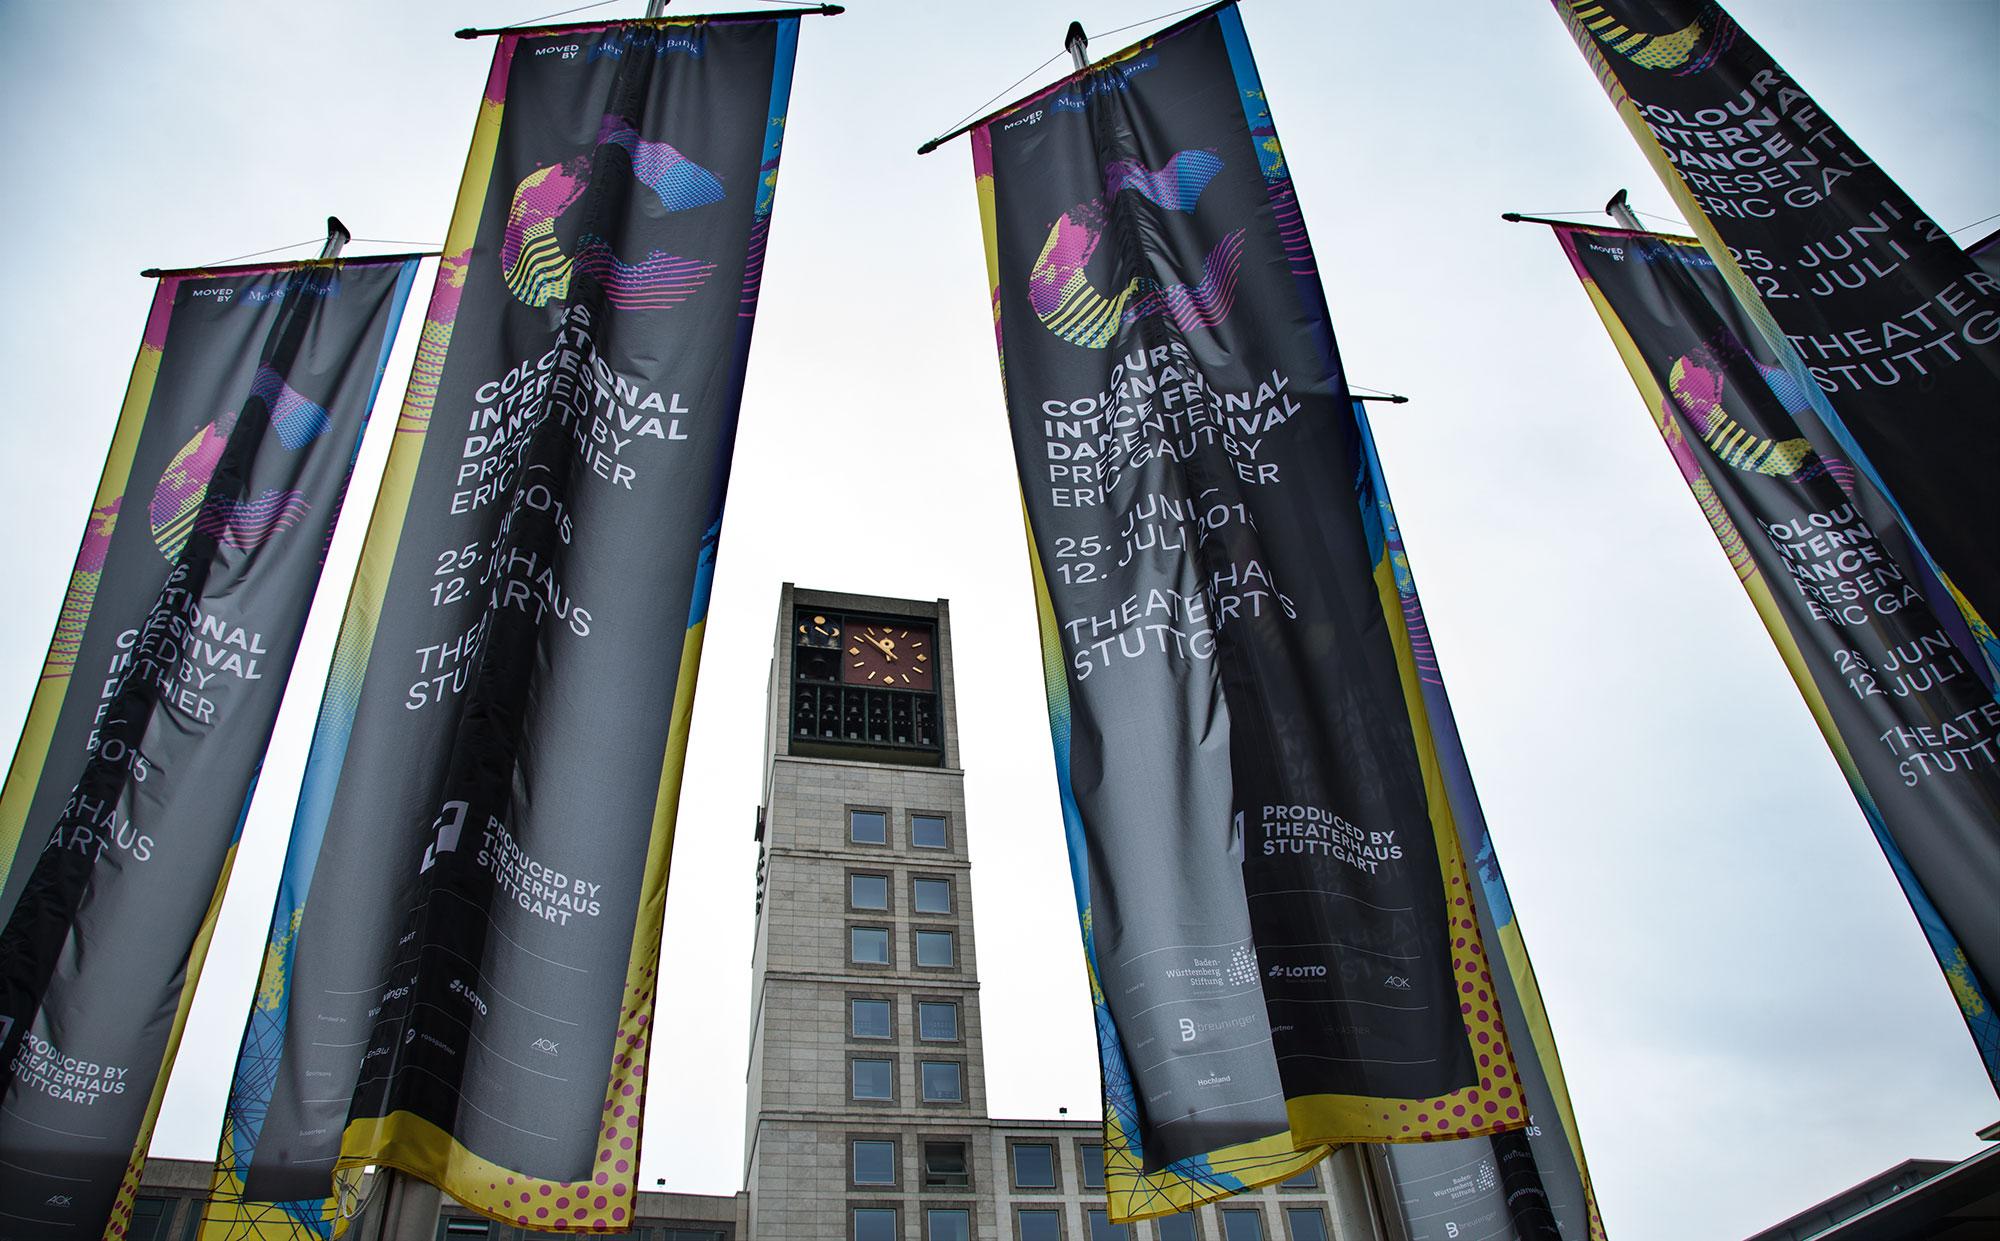 75a aus Stuttgart entwickelt die Außenwerbung des Colours International Dance Festival 2015 presented by Eric Gauthier